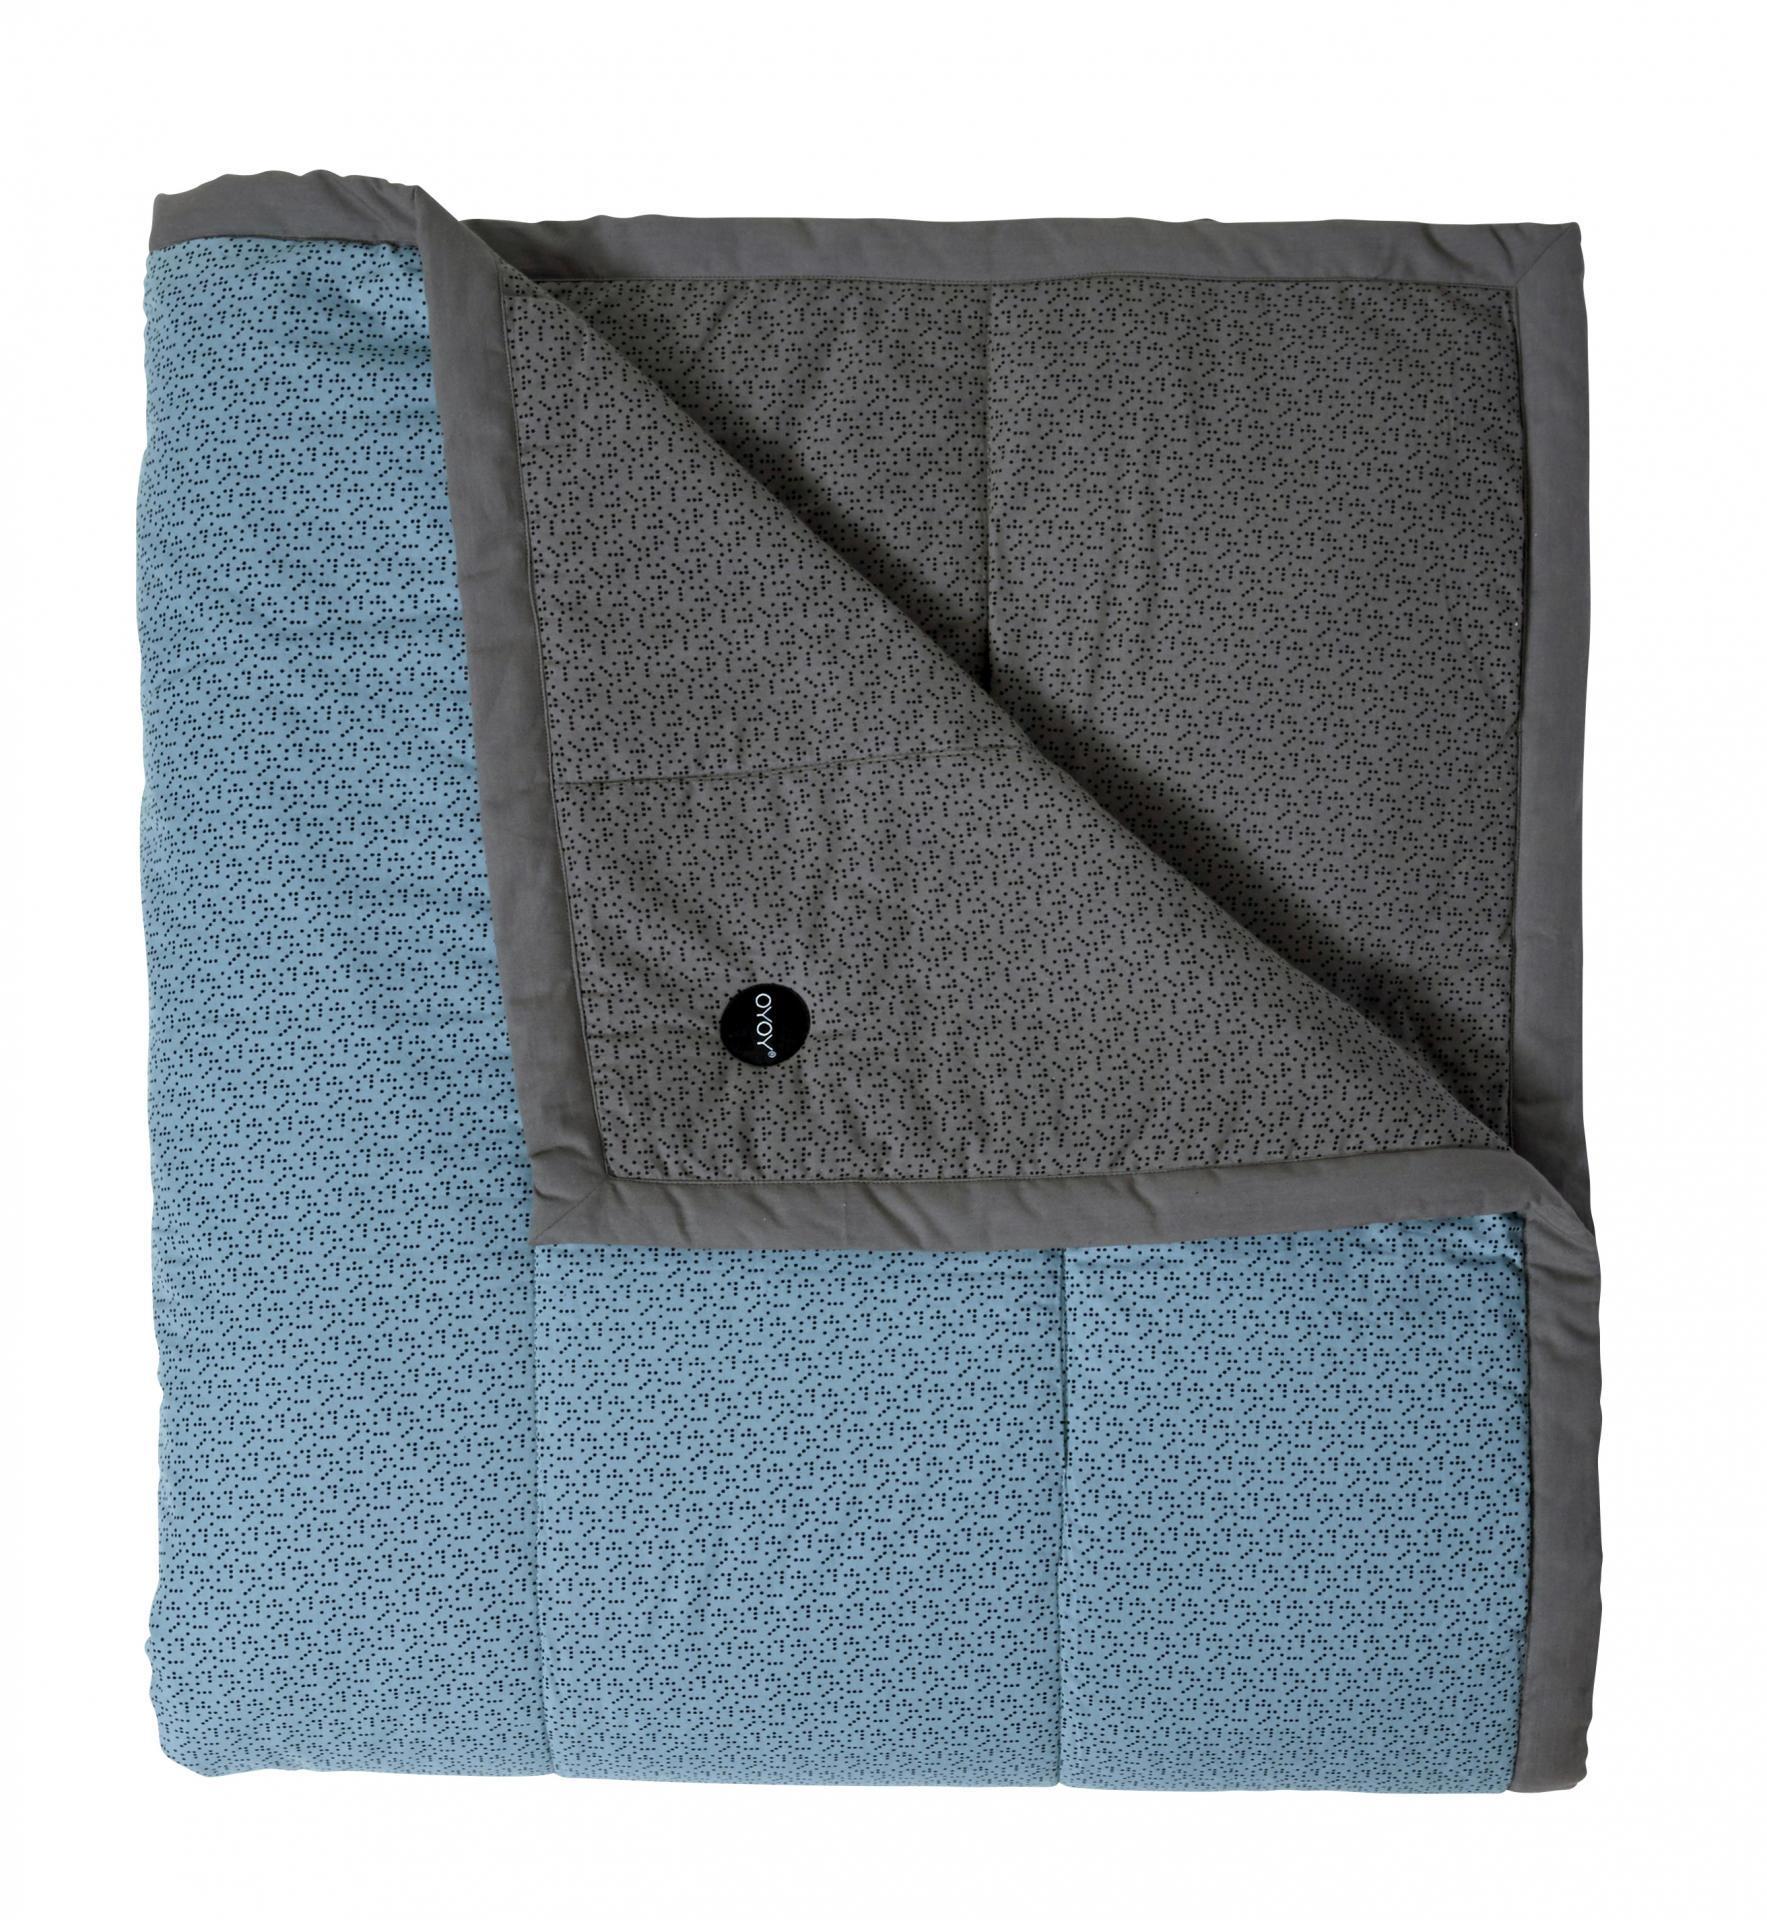 OYOY Prošívaný přehoz Tenji Grey/dusty aqua 140x200 cm, modrá barva, šedá barva, textil